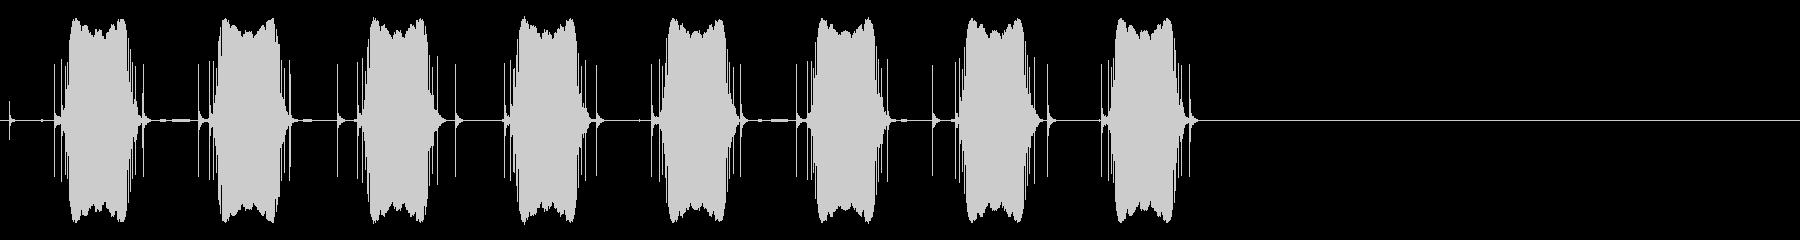 ウィンウィンウィンウィン(警告音)の未再生の波形